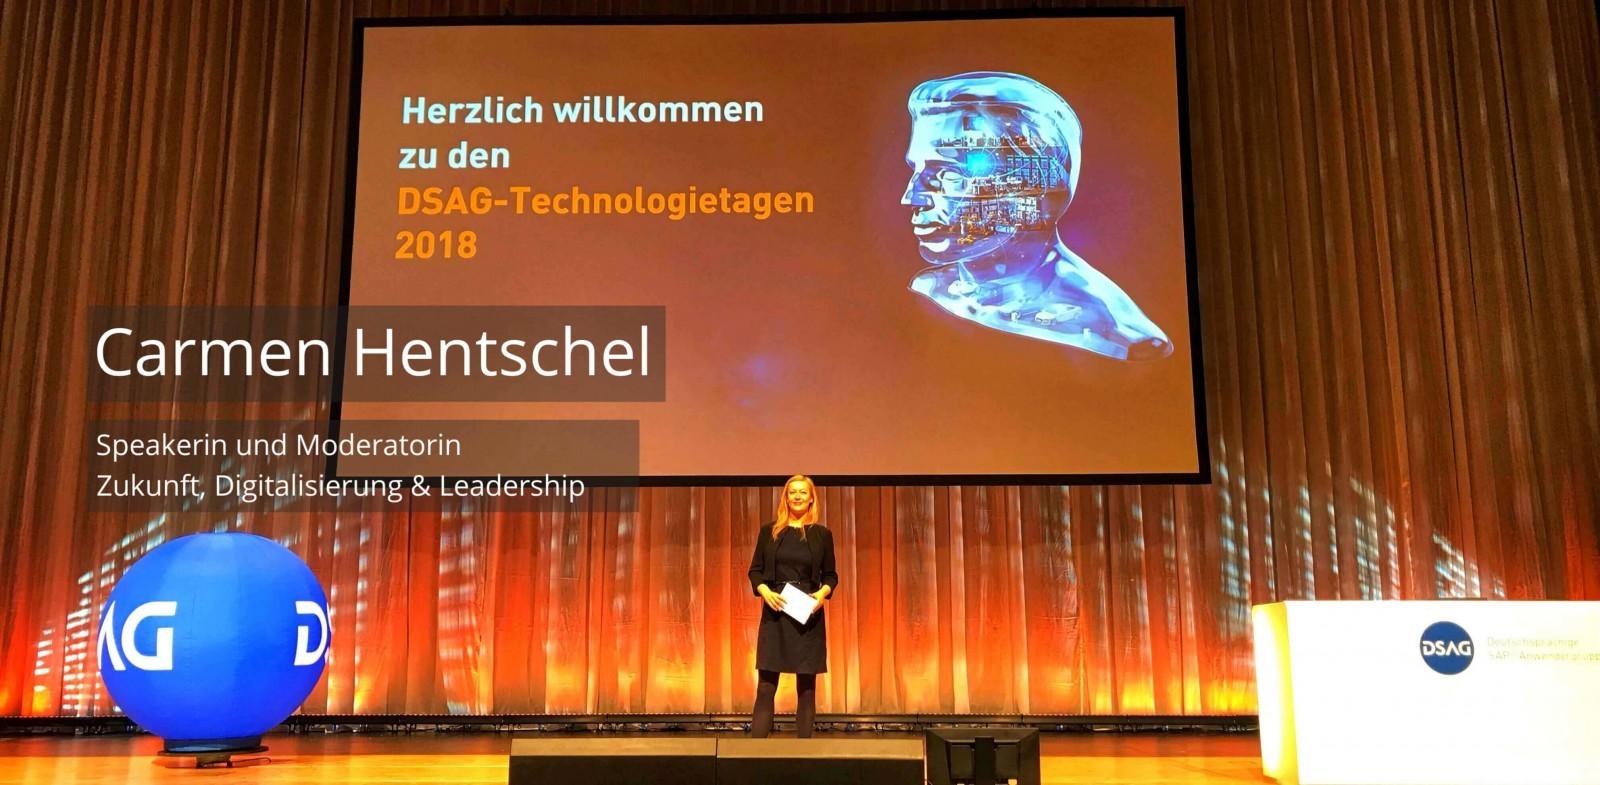 Keynote Speaker und Moderator Digitalisierung Carmen Hentschel